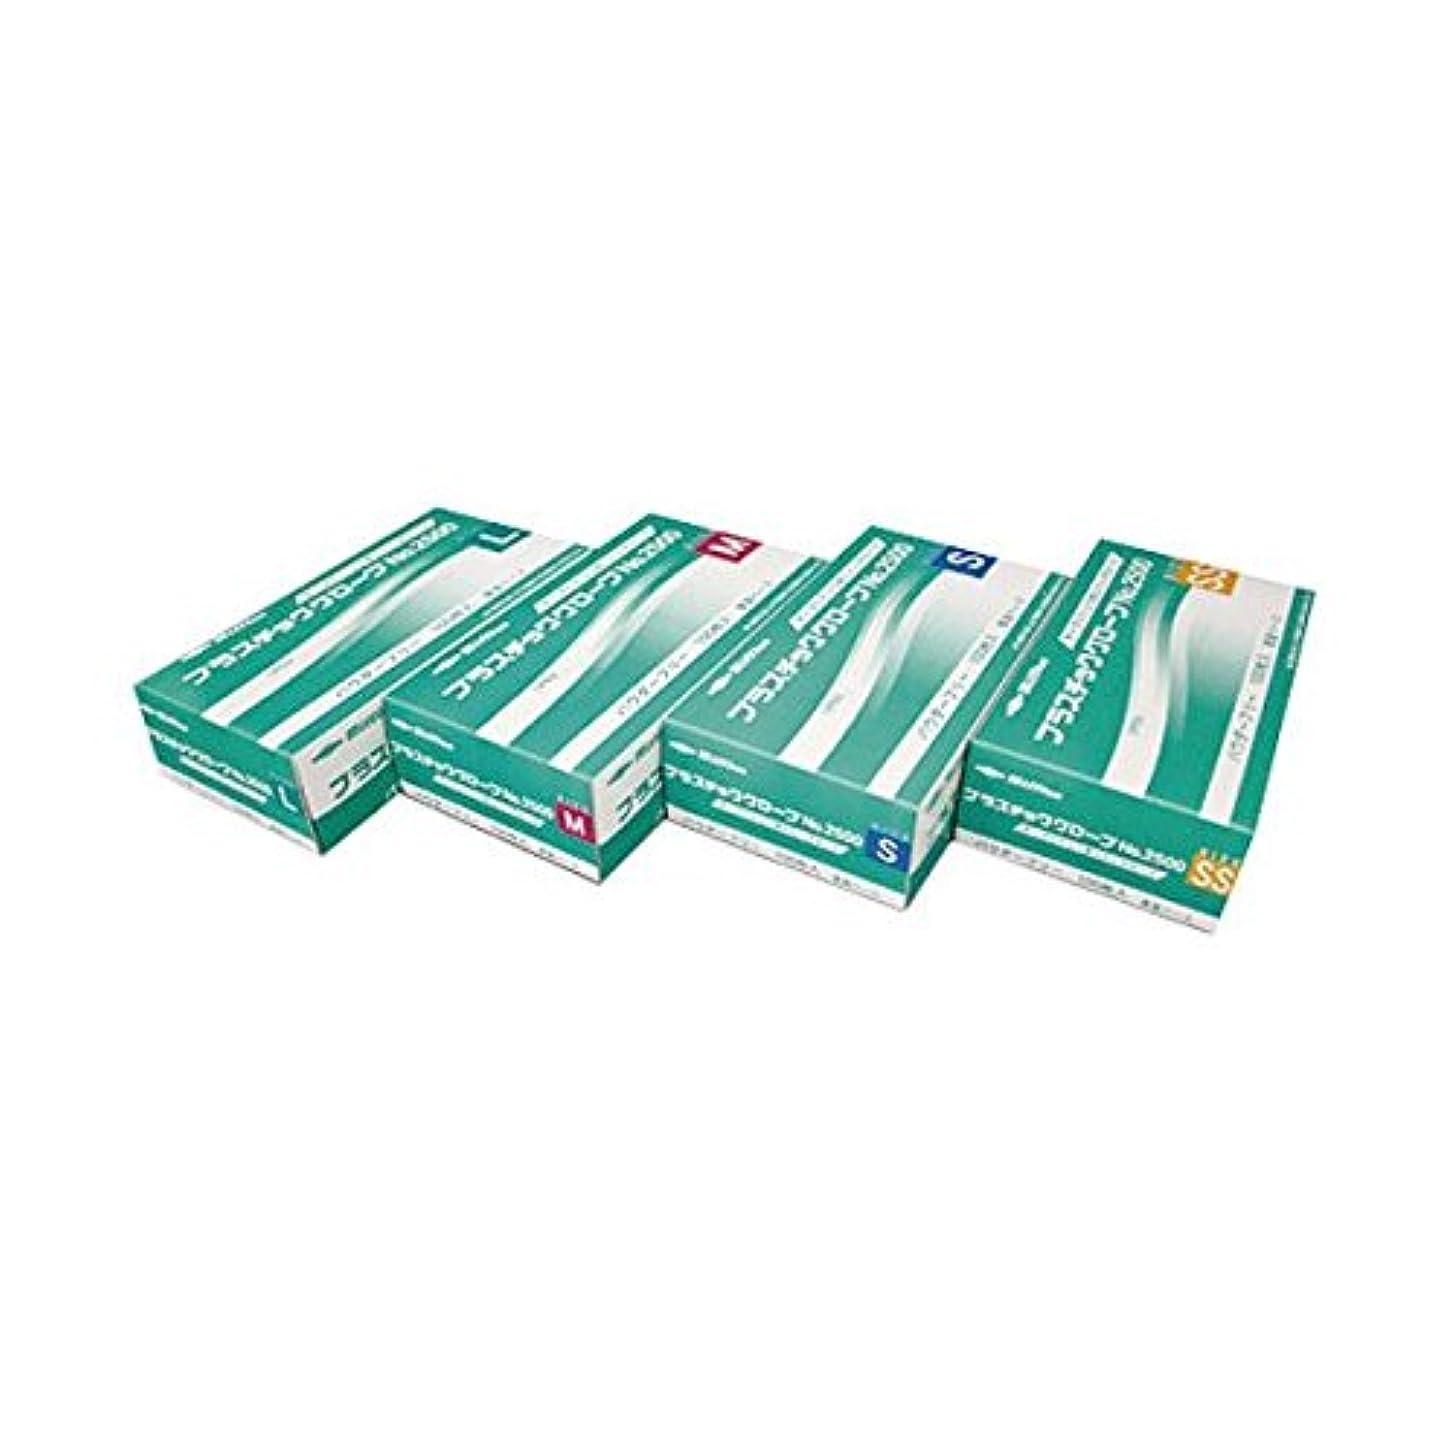 タック微生物きゅうり共和 プラスチックグローブNo2500 M ds-1915786